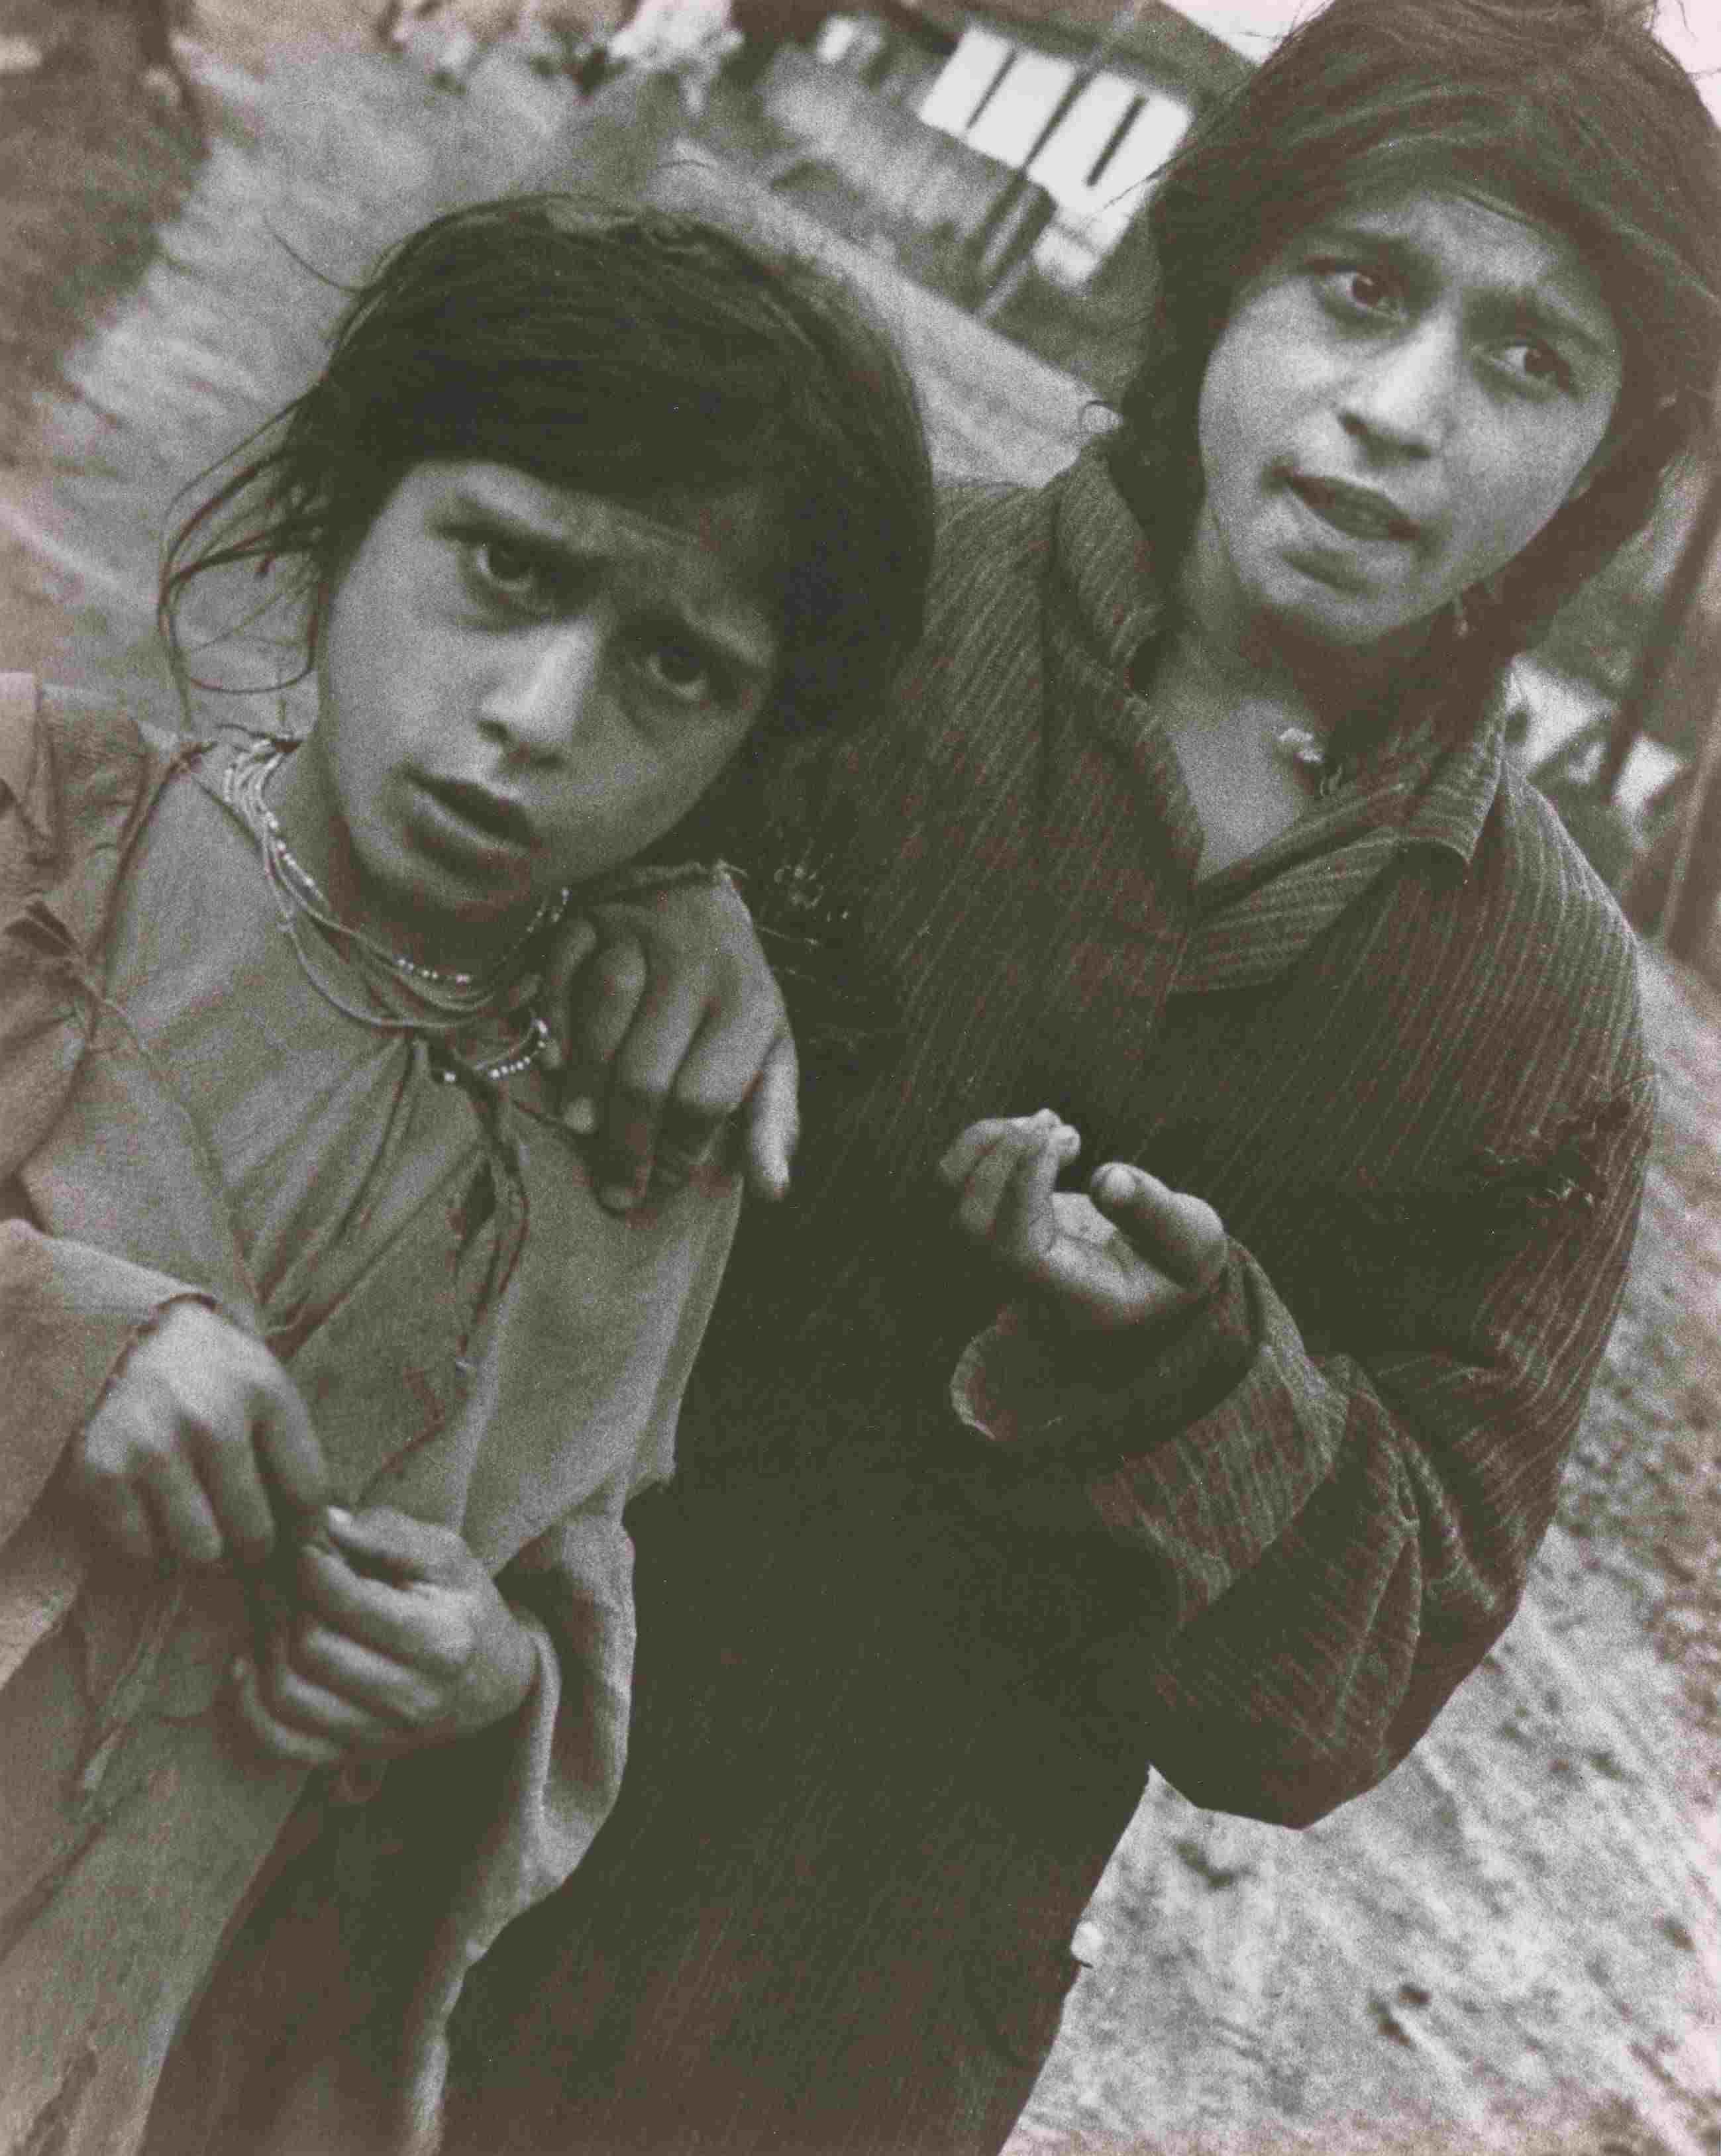 Romsko1937 1938sfmoma.org